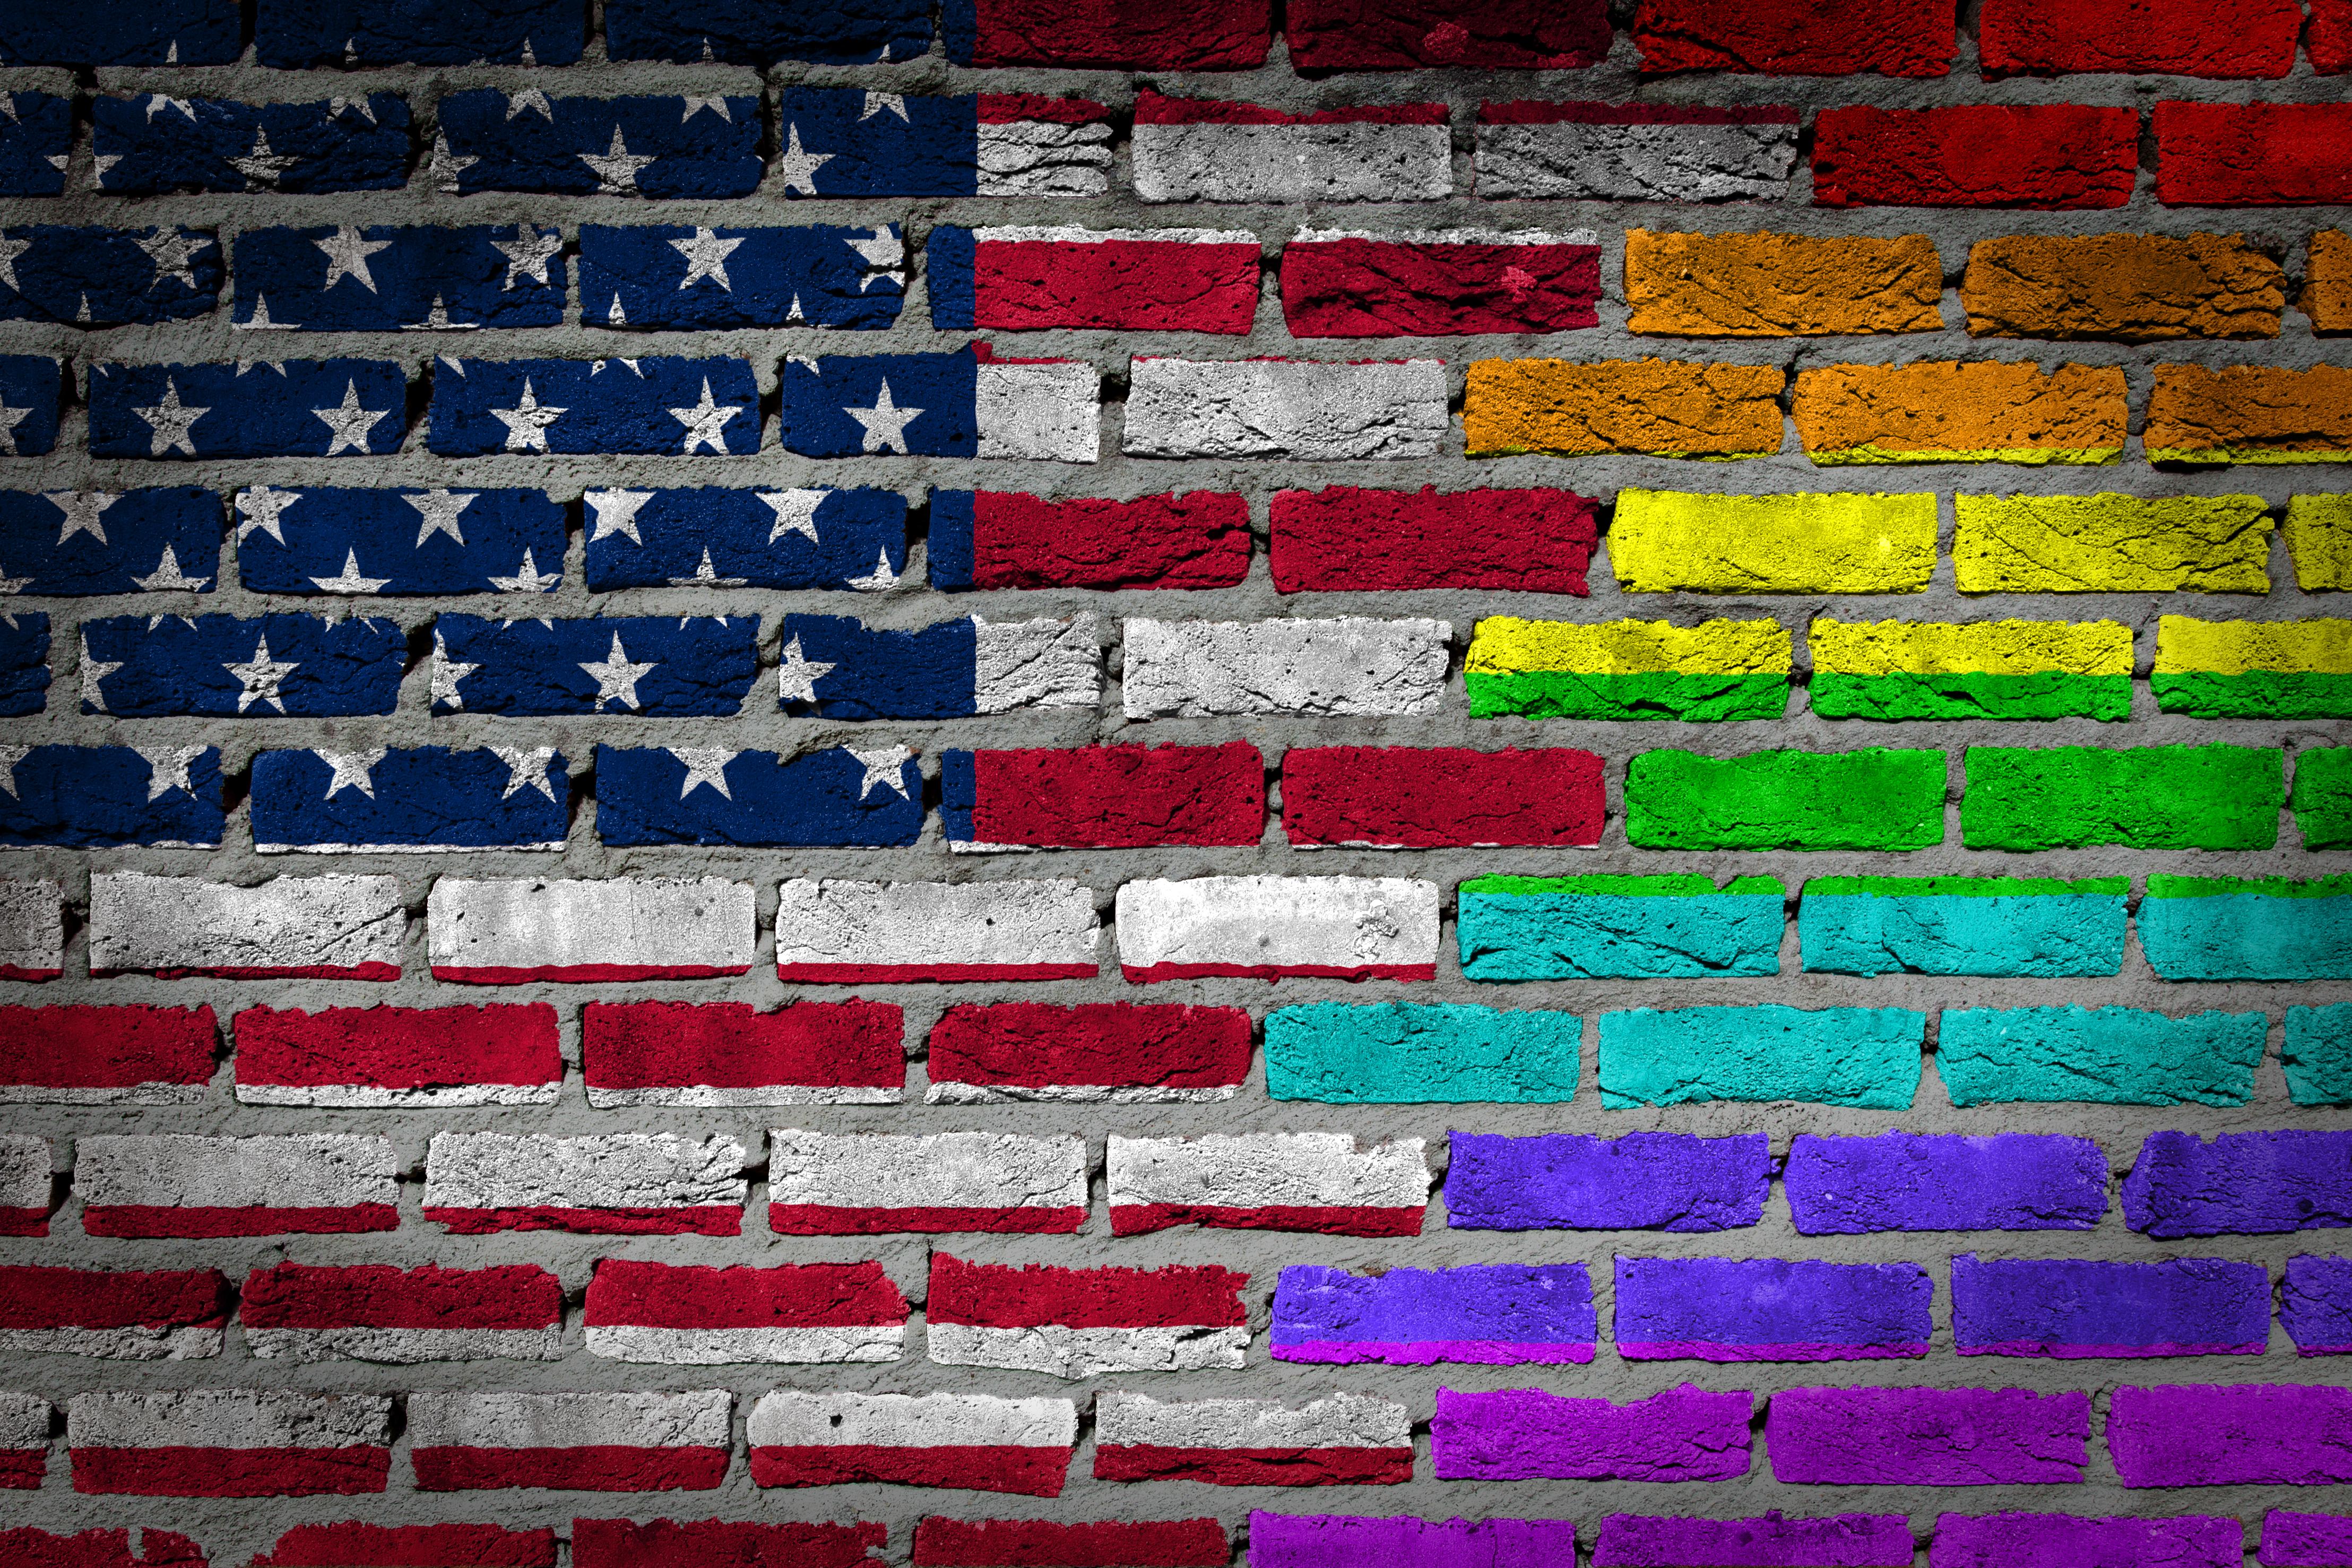 Dark brick wall - LGBT rights